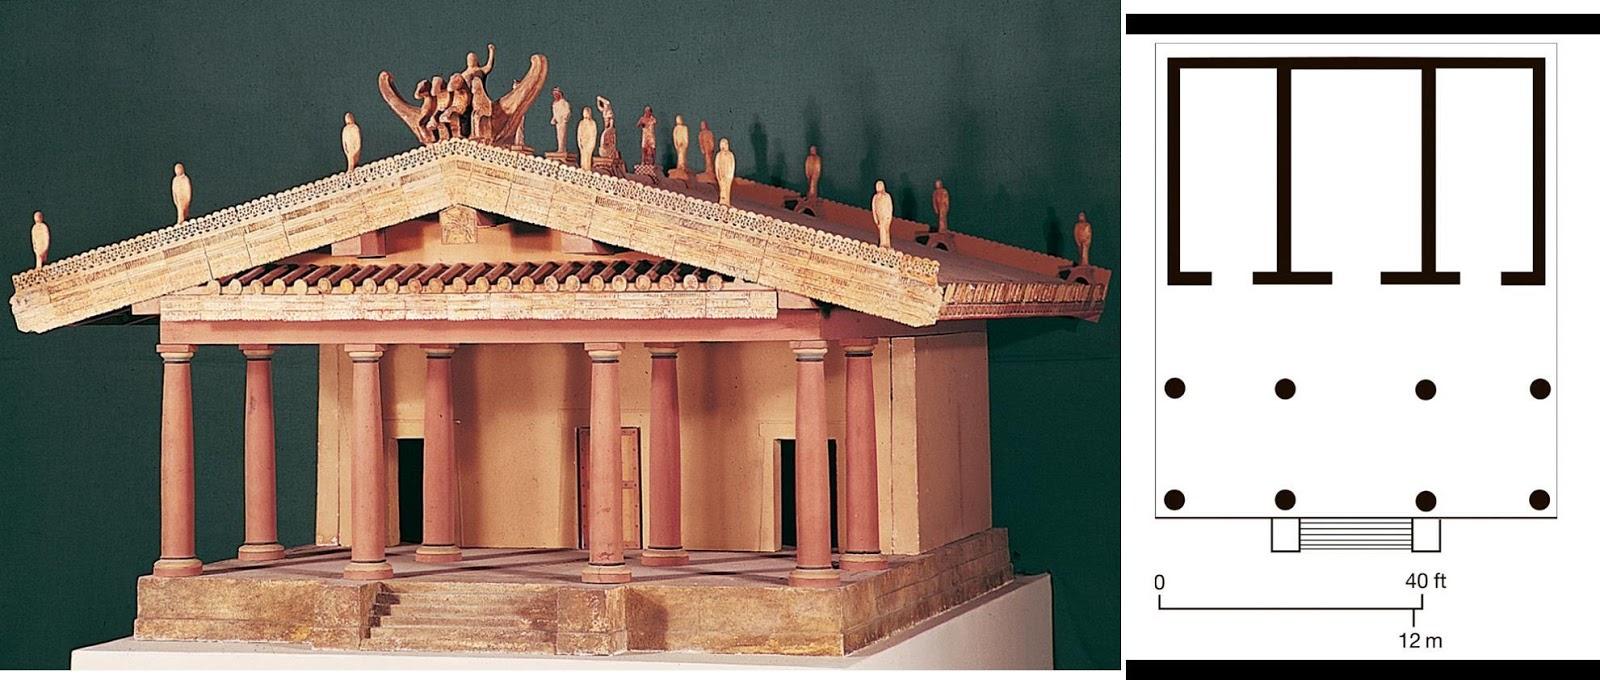 Model Courtesy Of Istituto Di Etruscologia E Antichita Italiche Universita Roma